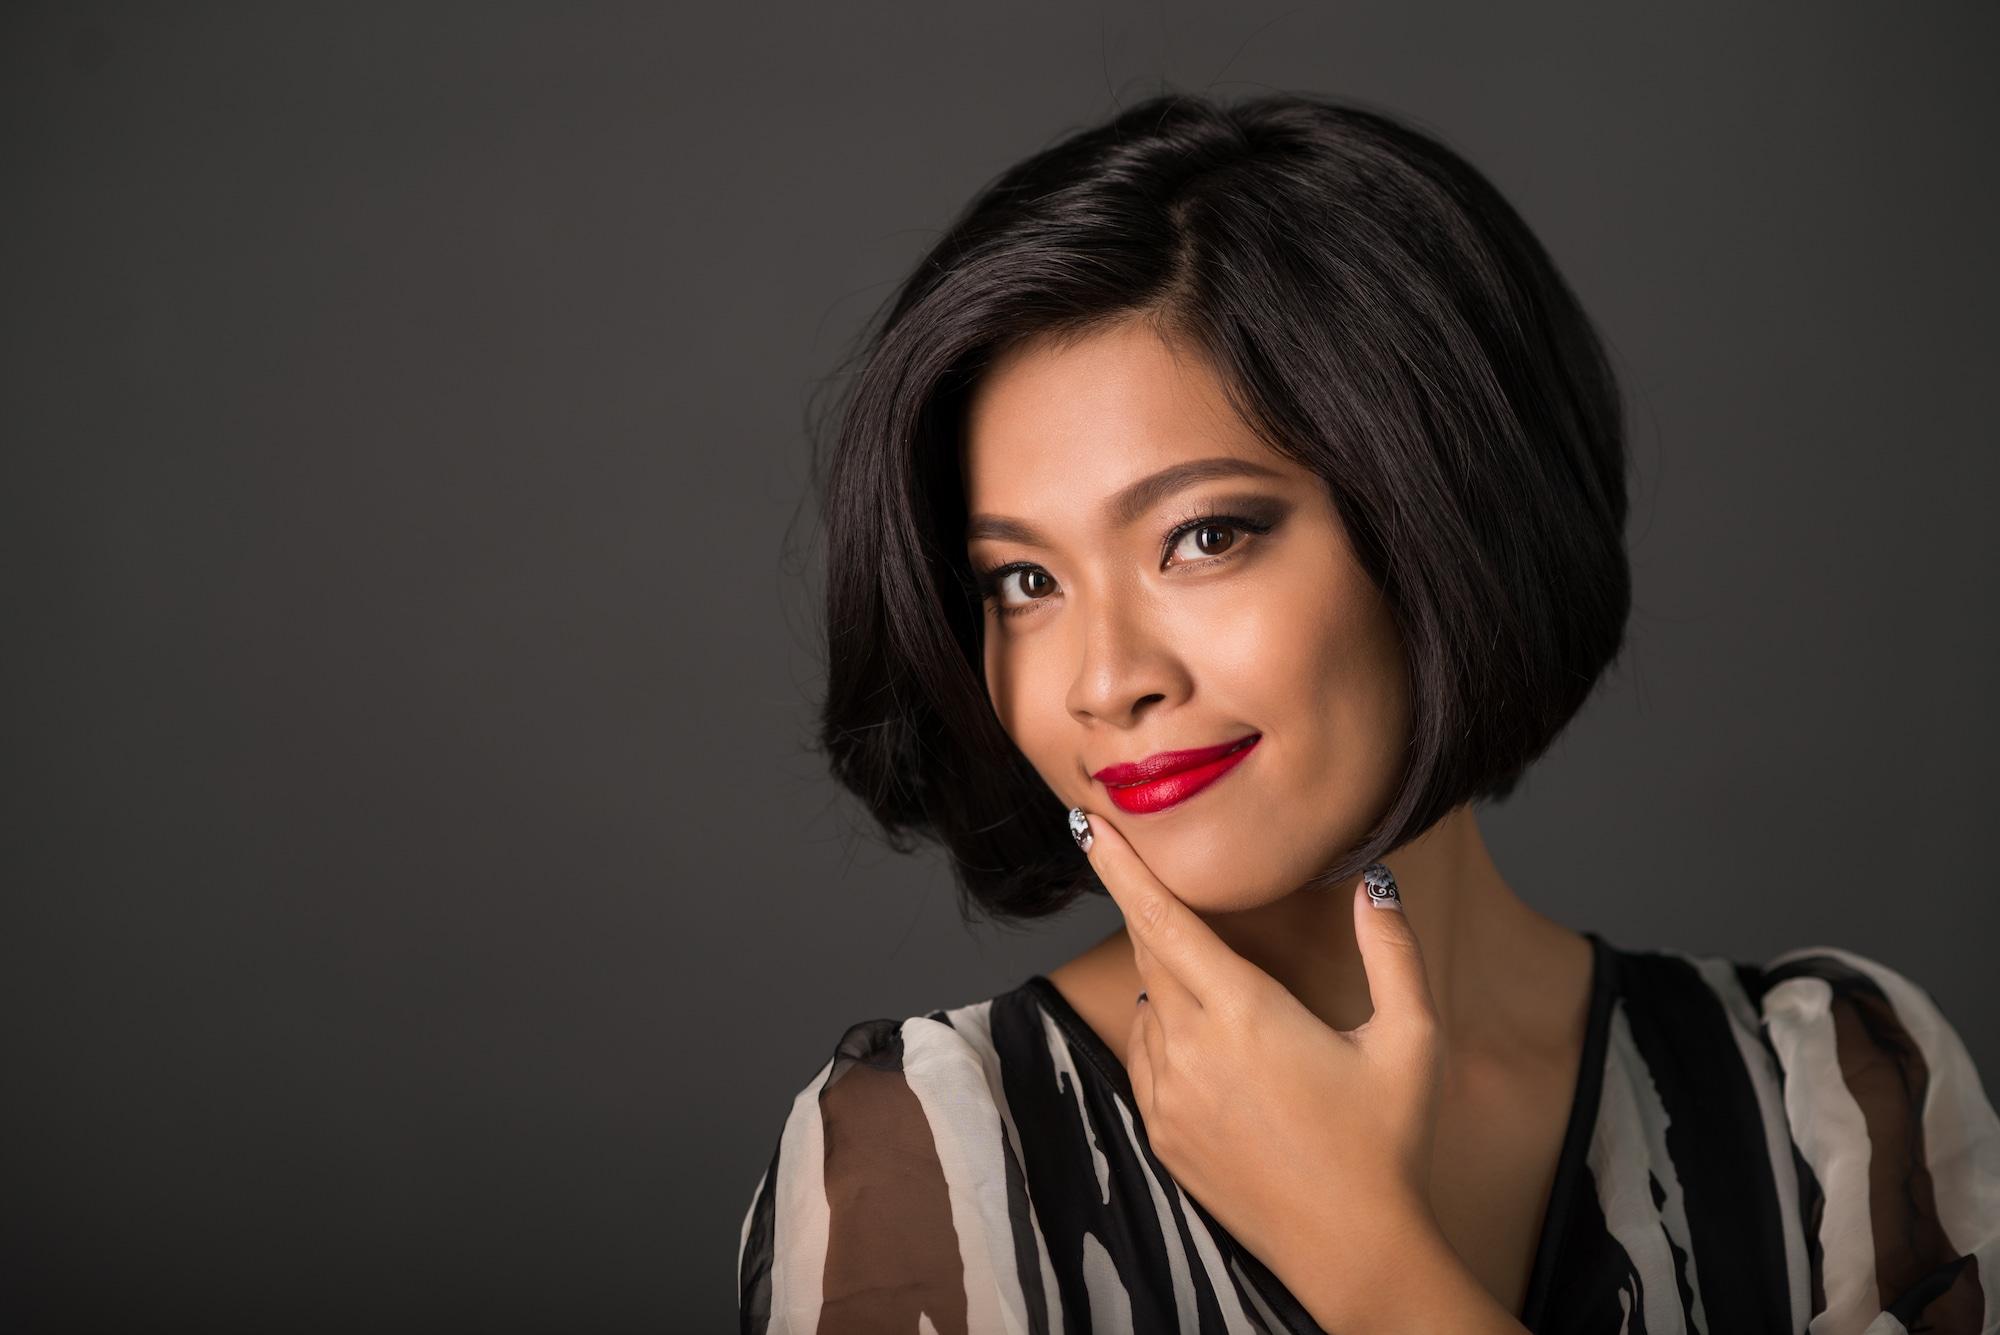 Wanita asia dengan wajah persegi rambut bob